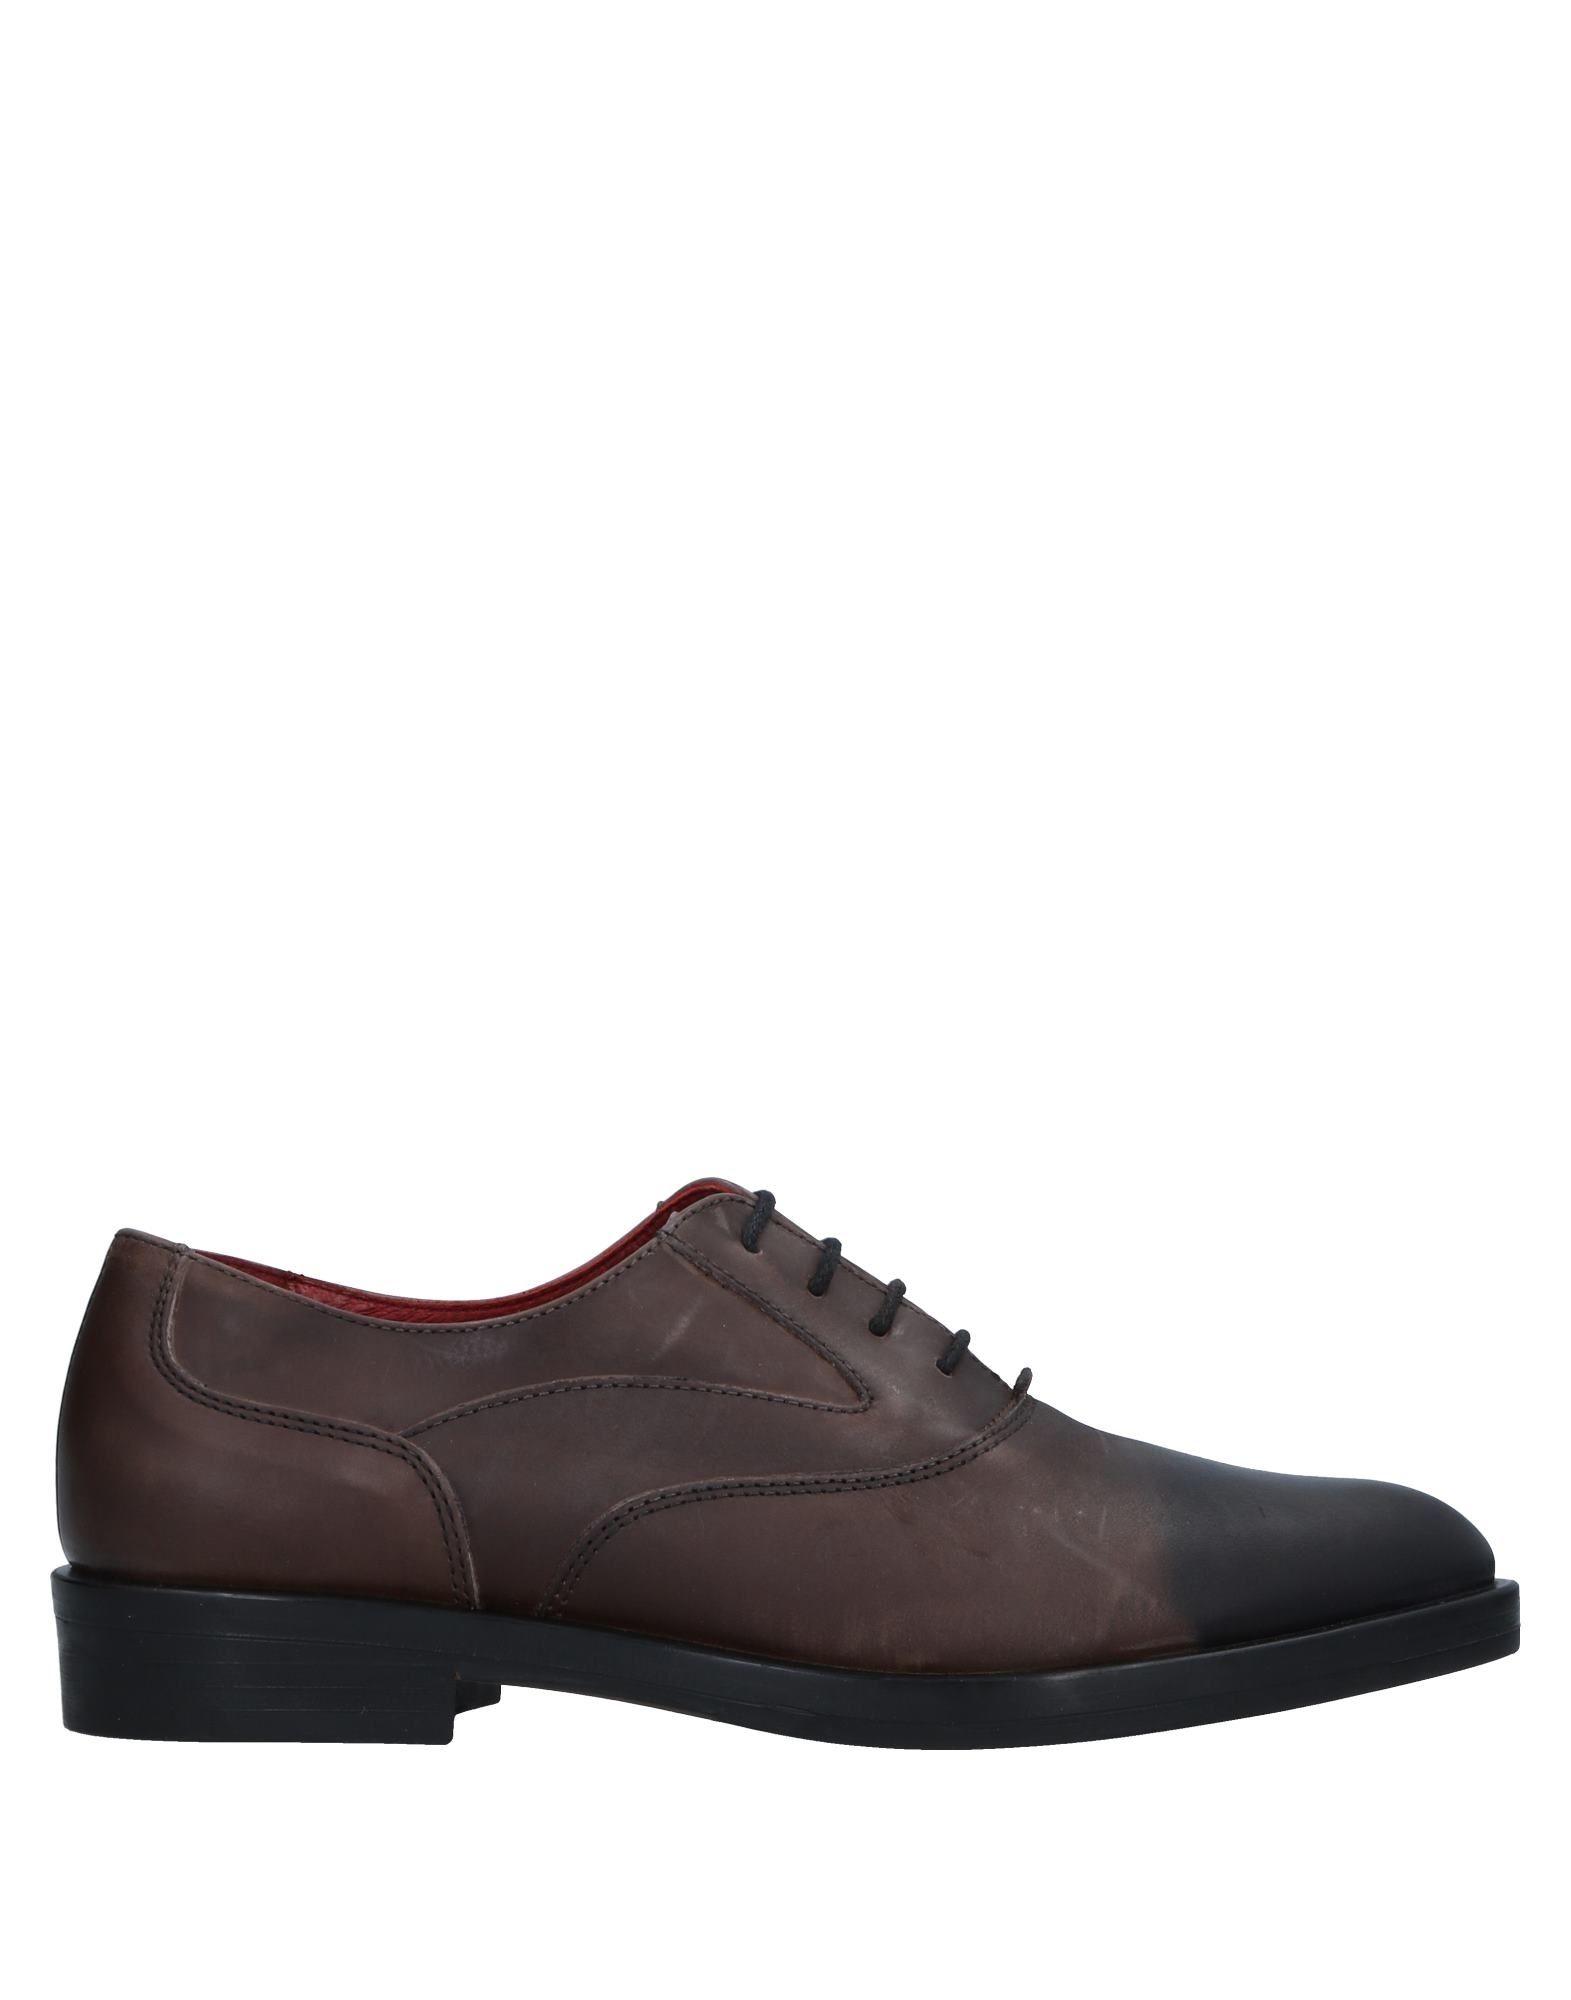 Angela George Schnürschuhe Damen  11534302AU Gute Qualität beliebte Schuhe